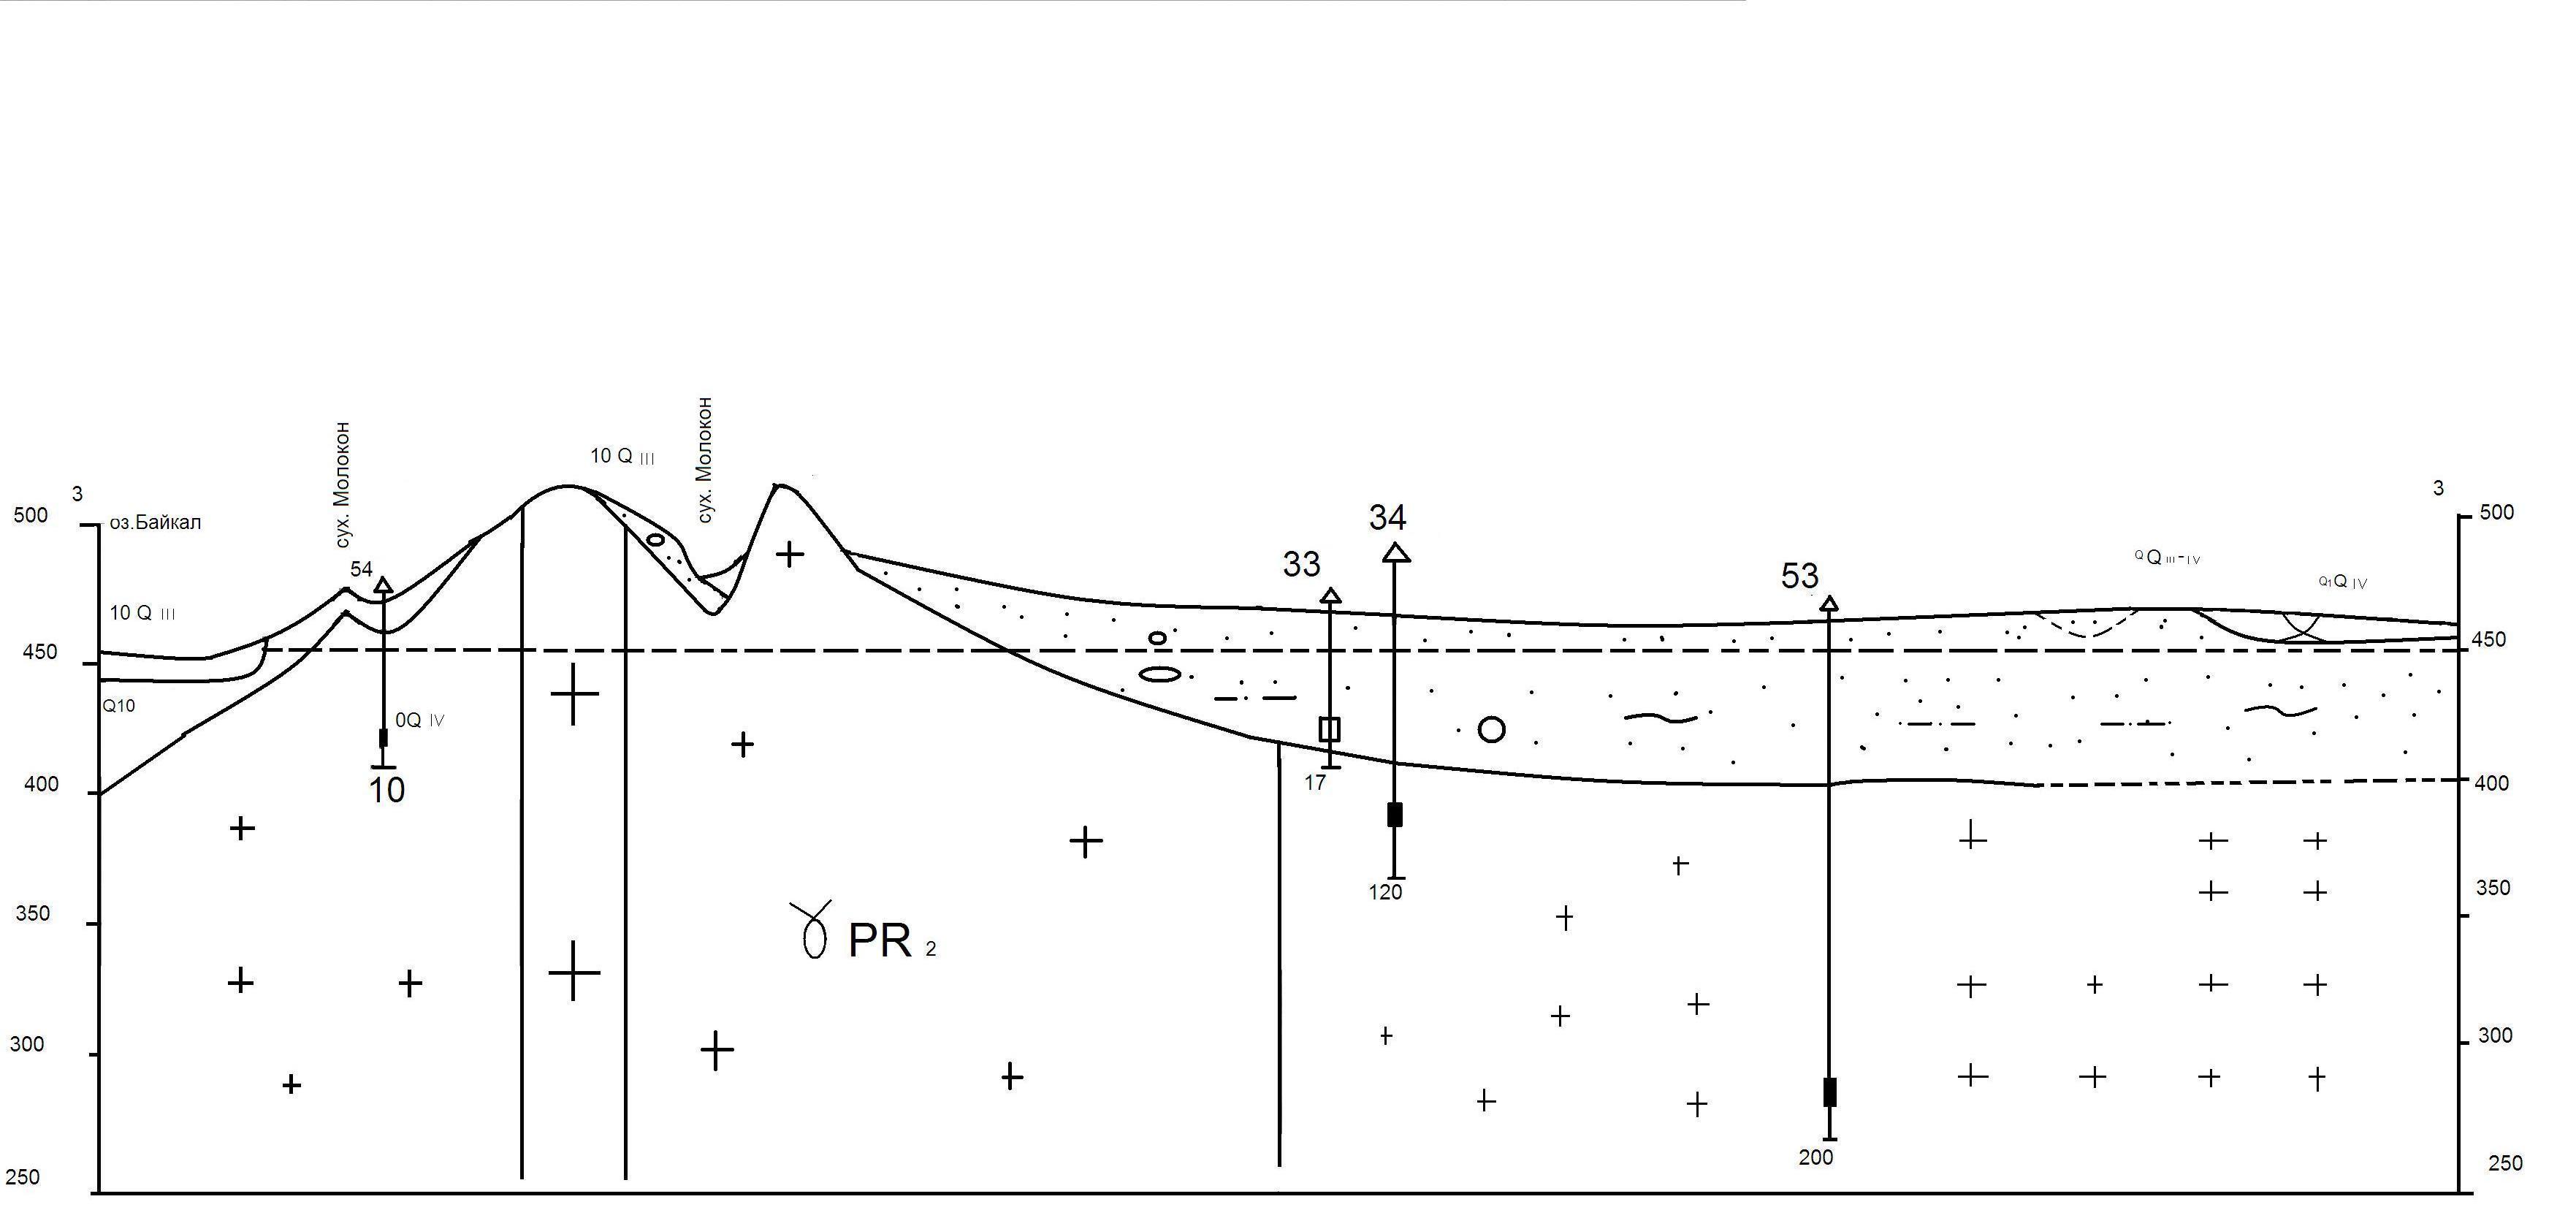 Артезианские подземные воды: что это такое, при каких условиях образуются, чем отличаются от грунтовых, где используются?